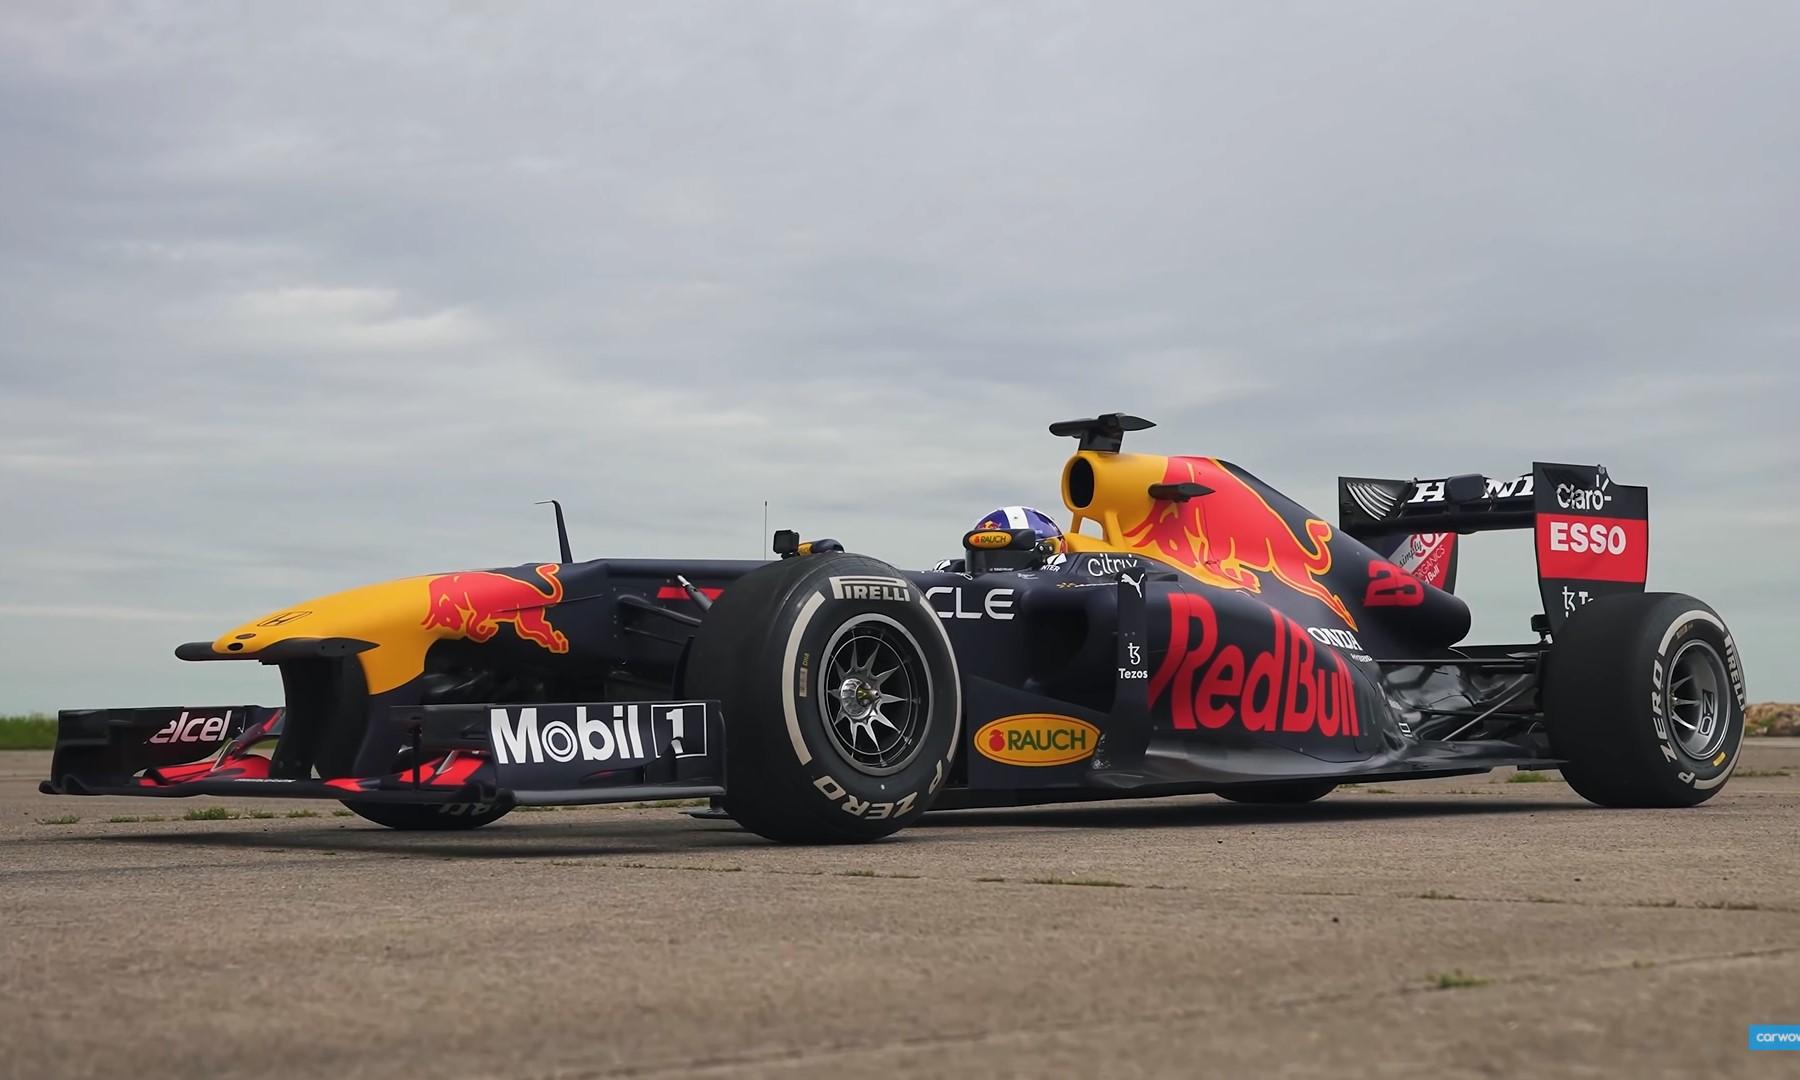 F1 vs Modified Cars